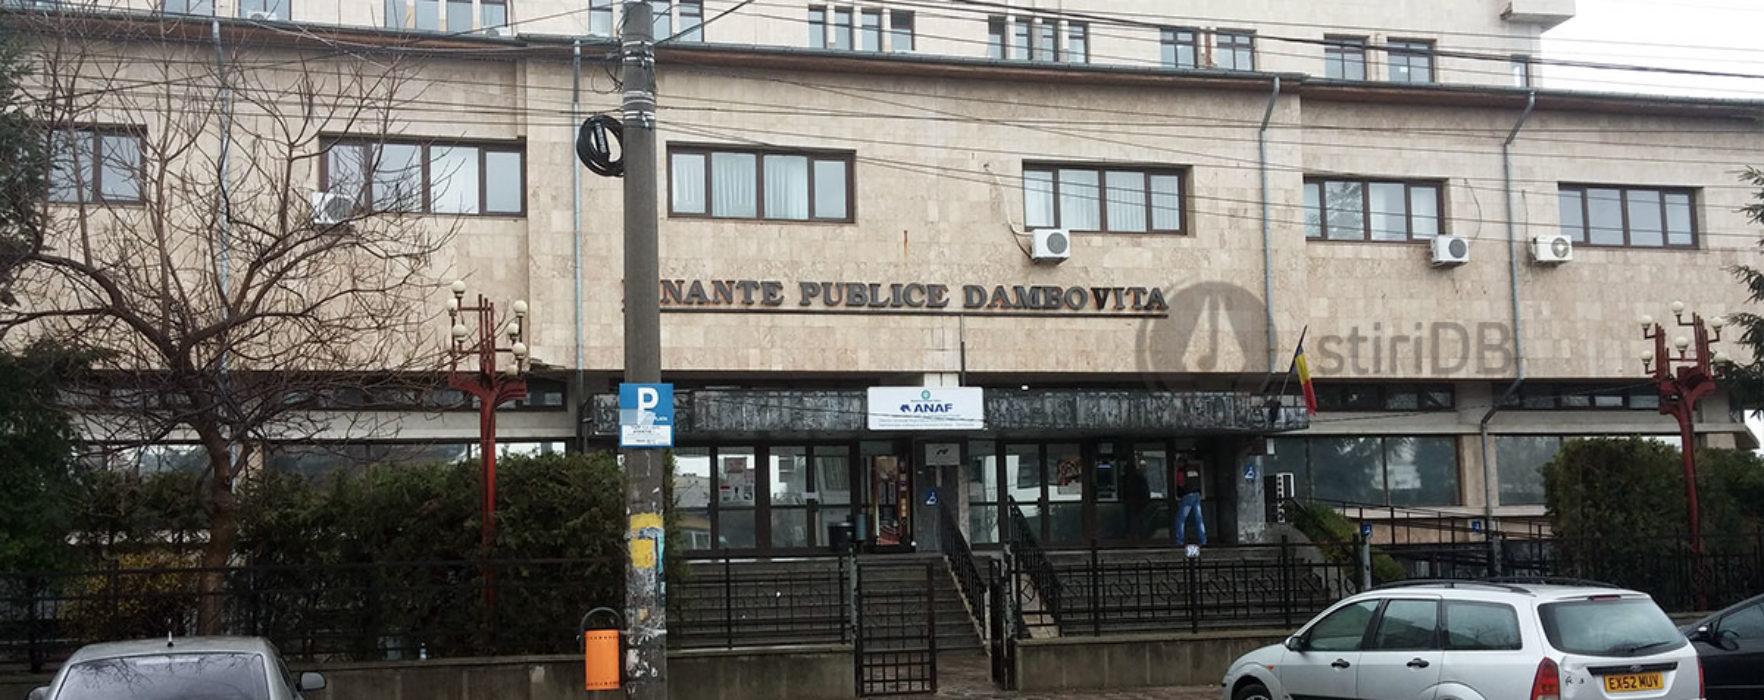 DGA: Funcţionar de la Finanţe din Dâmboviţa condamnat pentru luare de mită şi trafic de influenţă